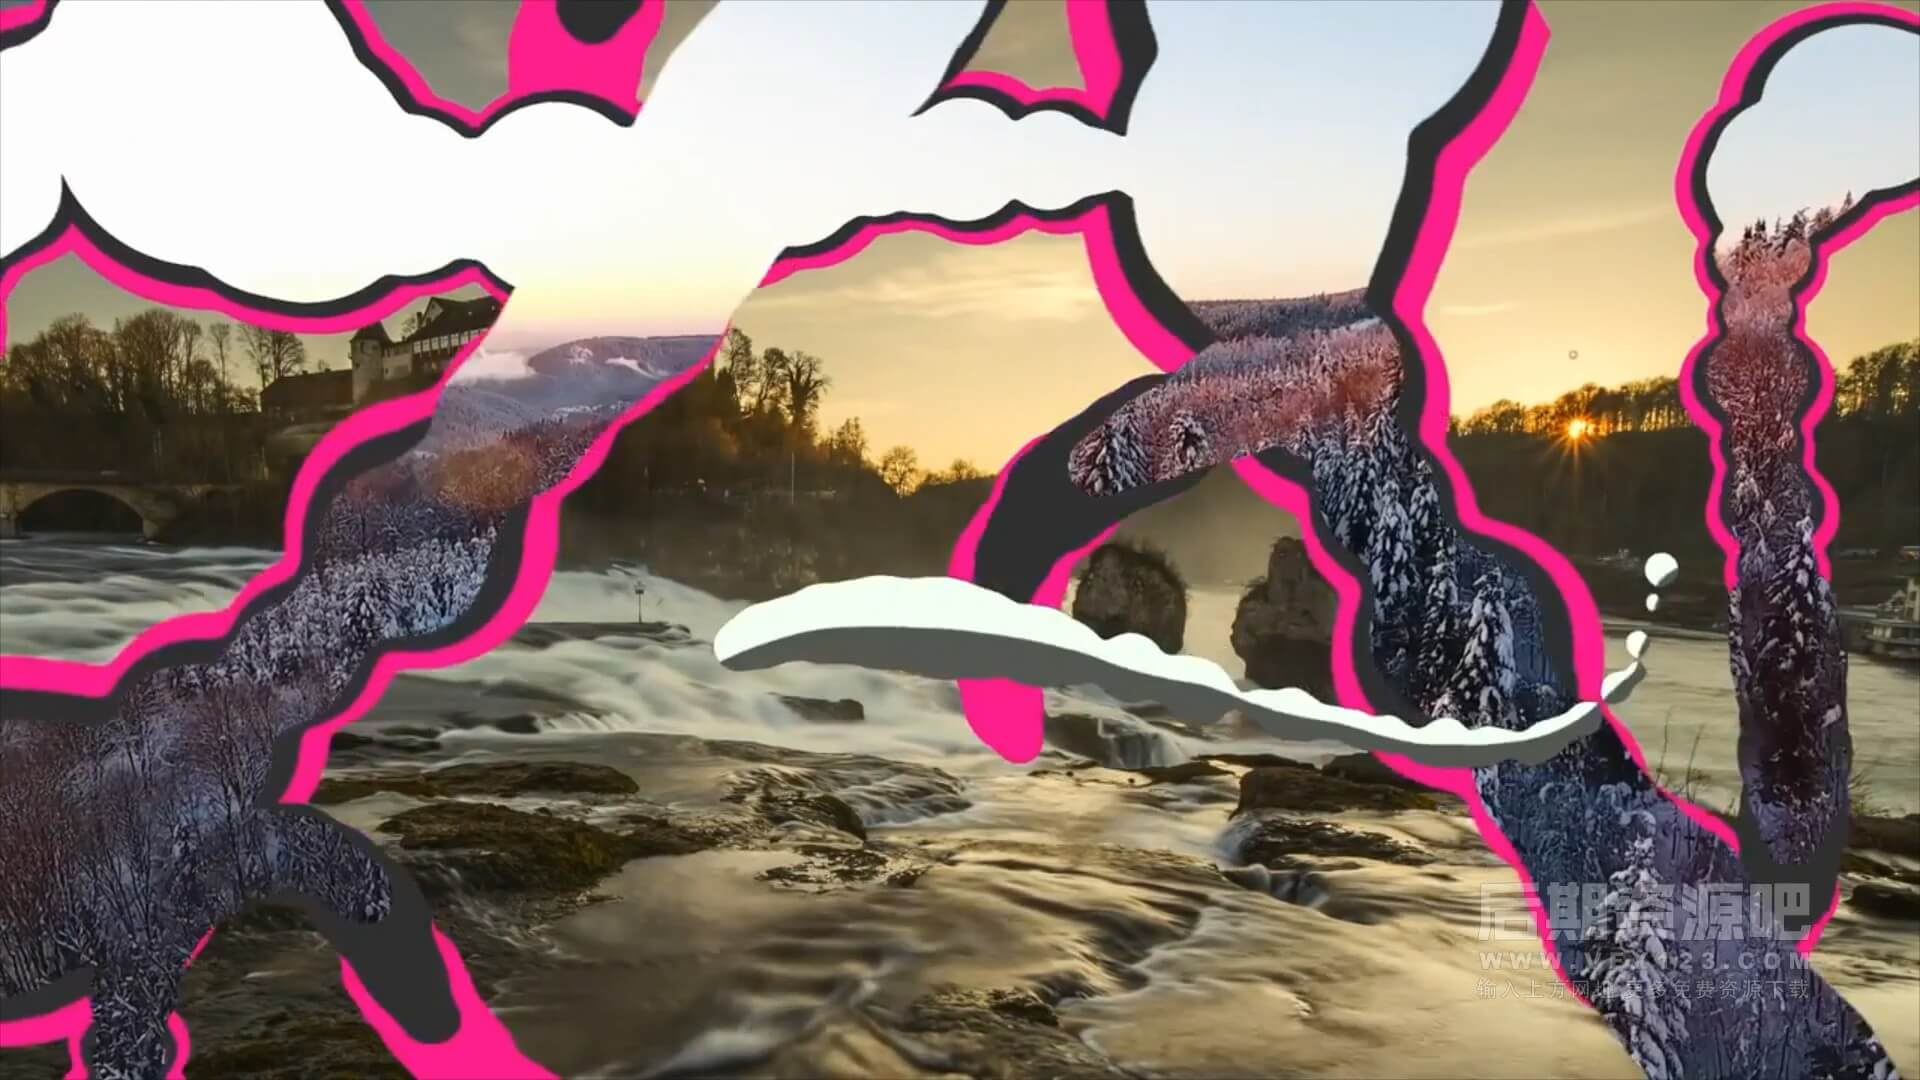 fcpx插件 12个卡通手绘明亮彩色液体动画效果转场 Liquid Transitions